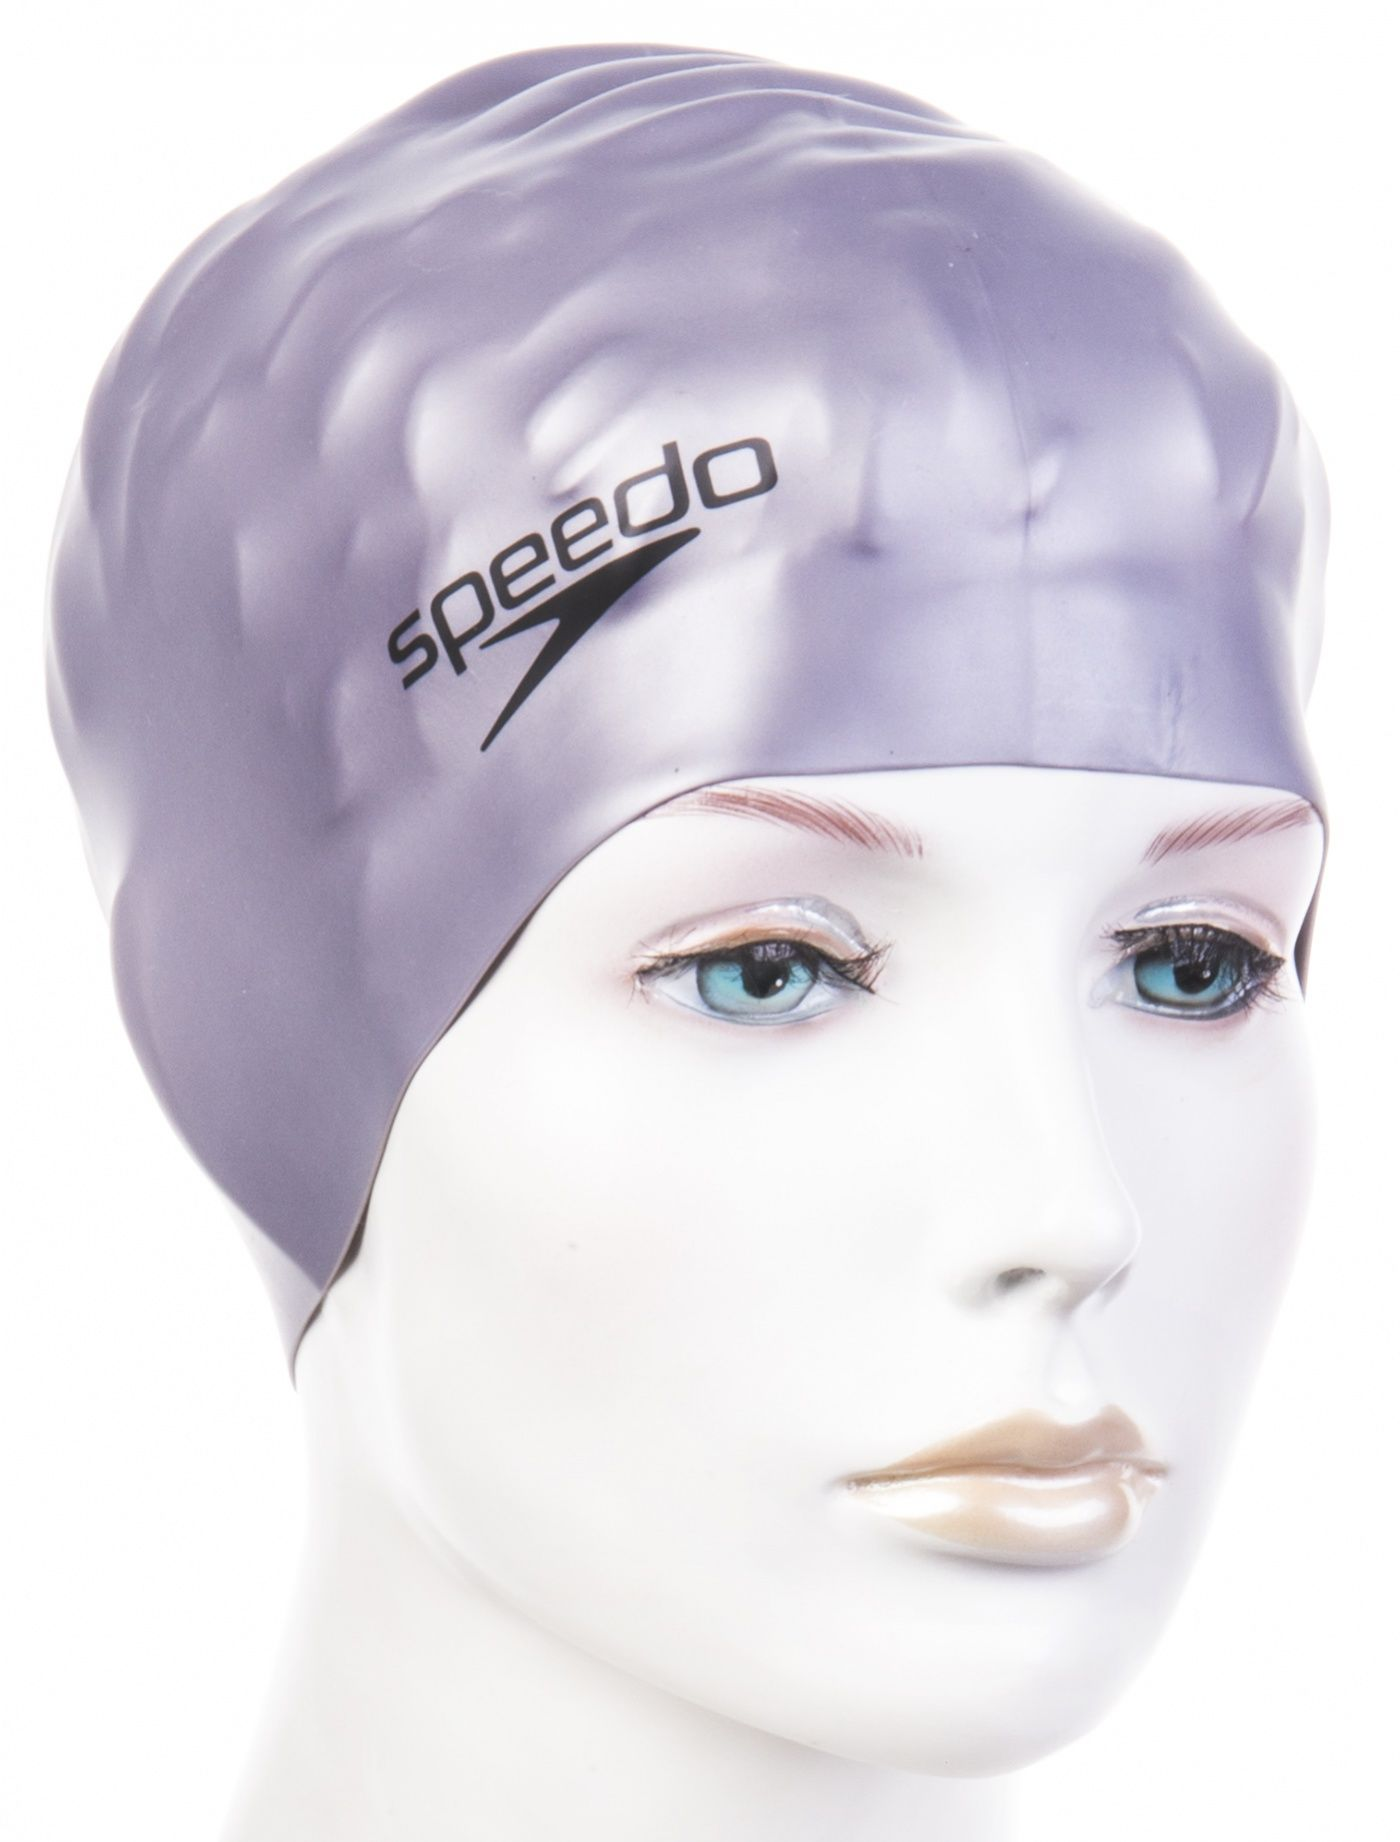 Czepek pływacki speedo plain flat silicone cap srebrny